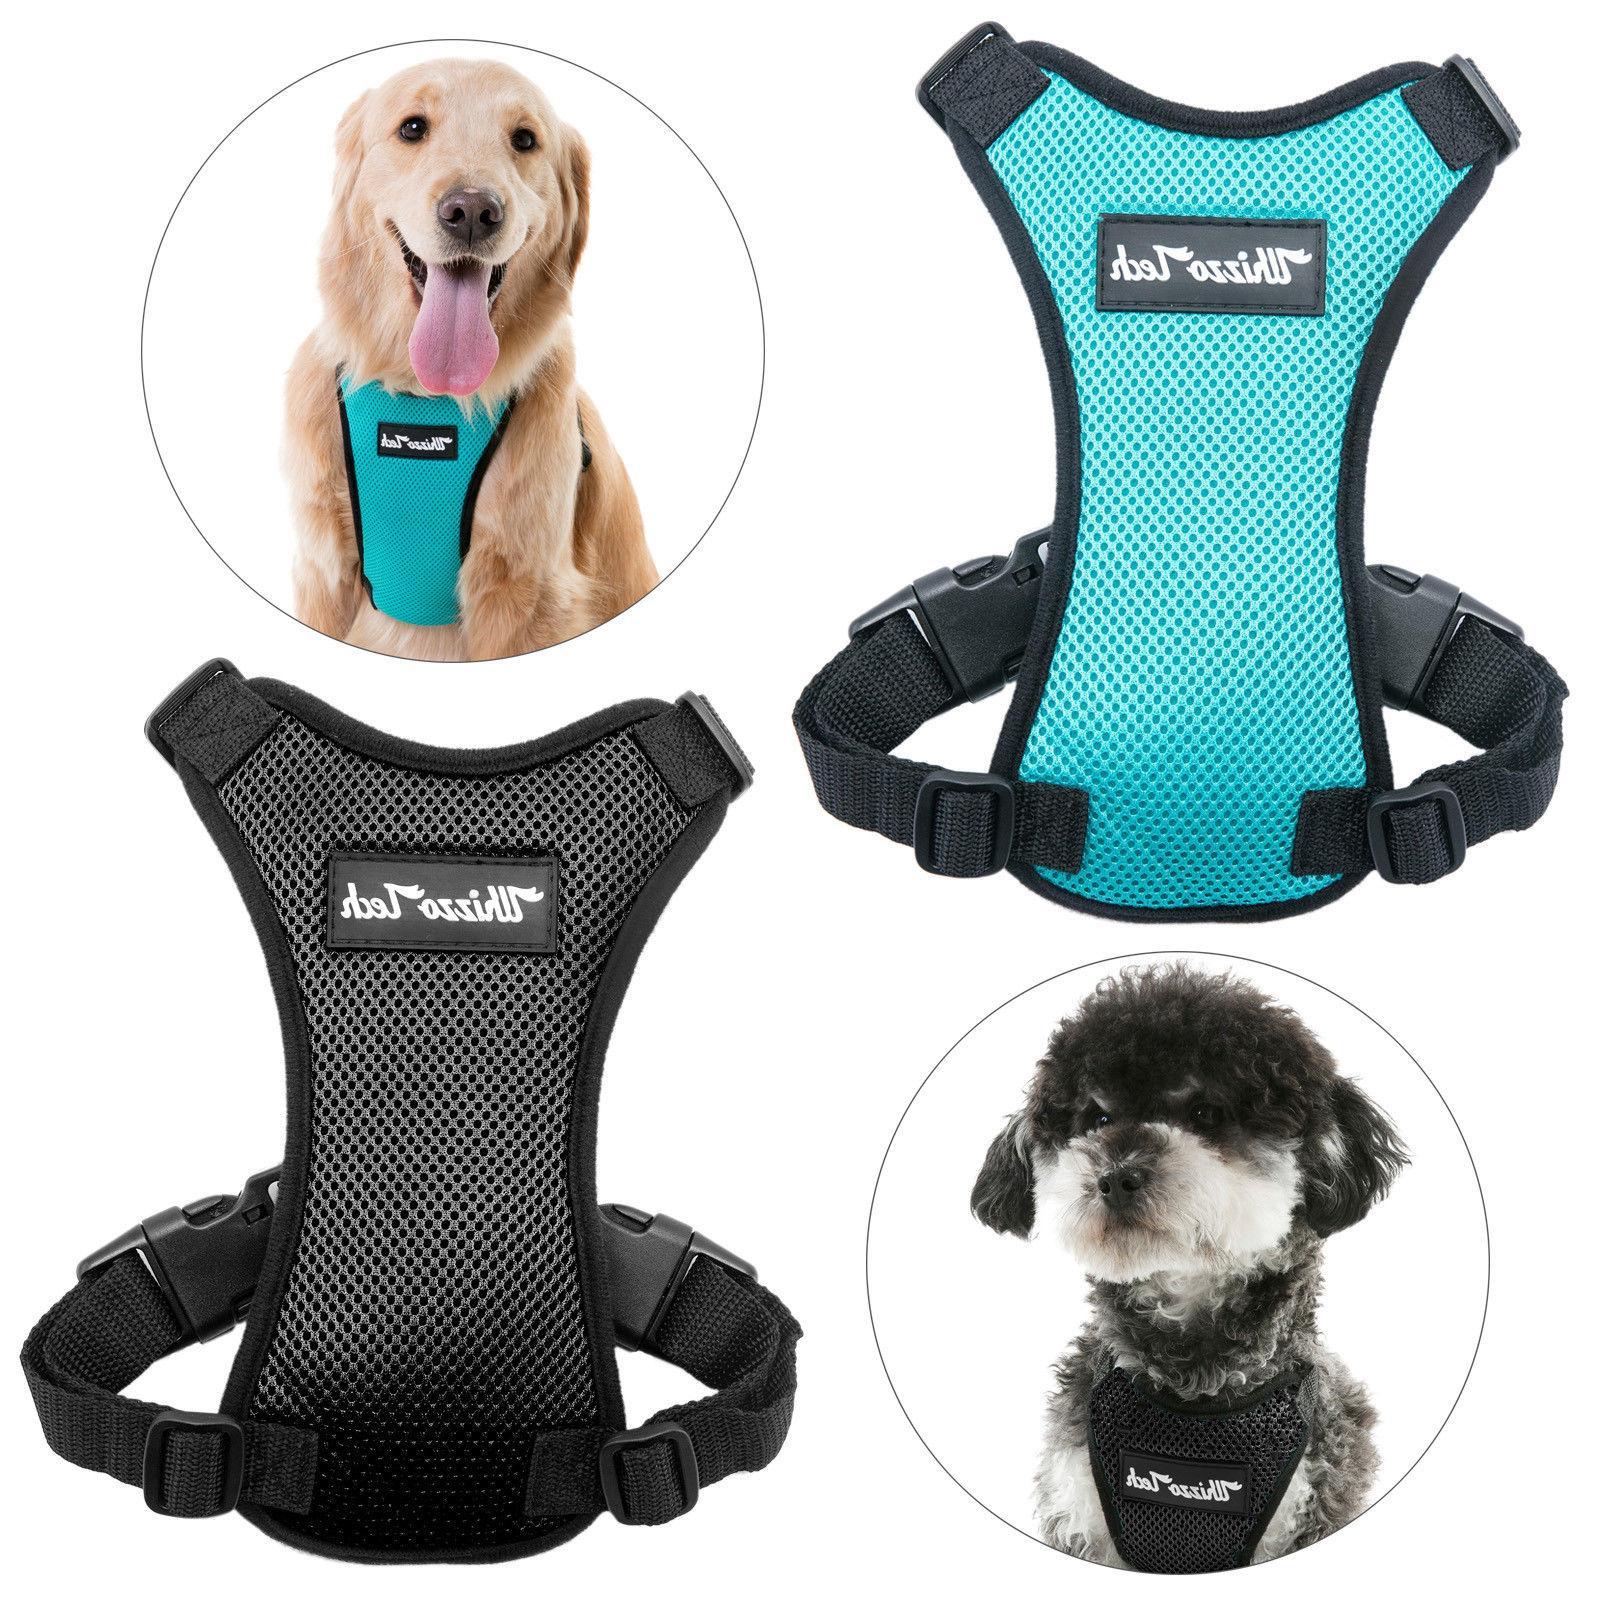 dog safety vest harness pet dog adjustable